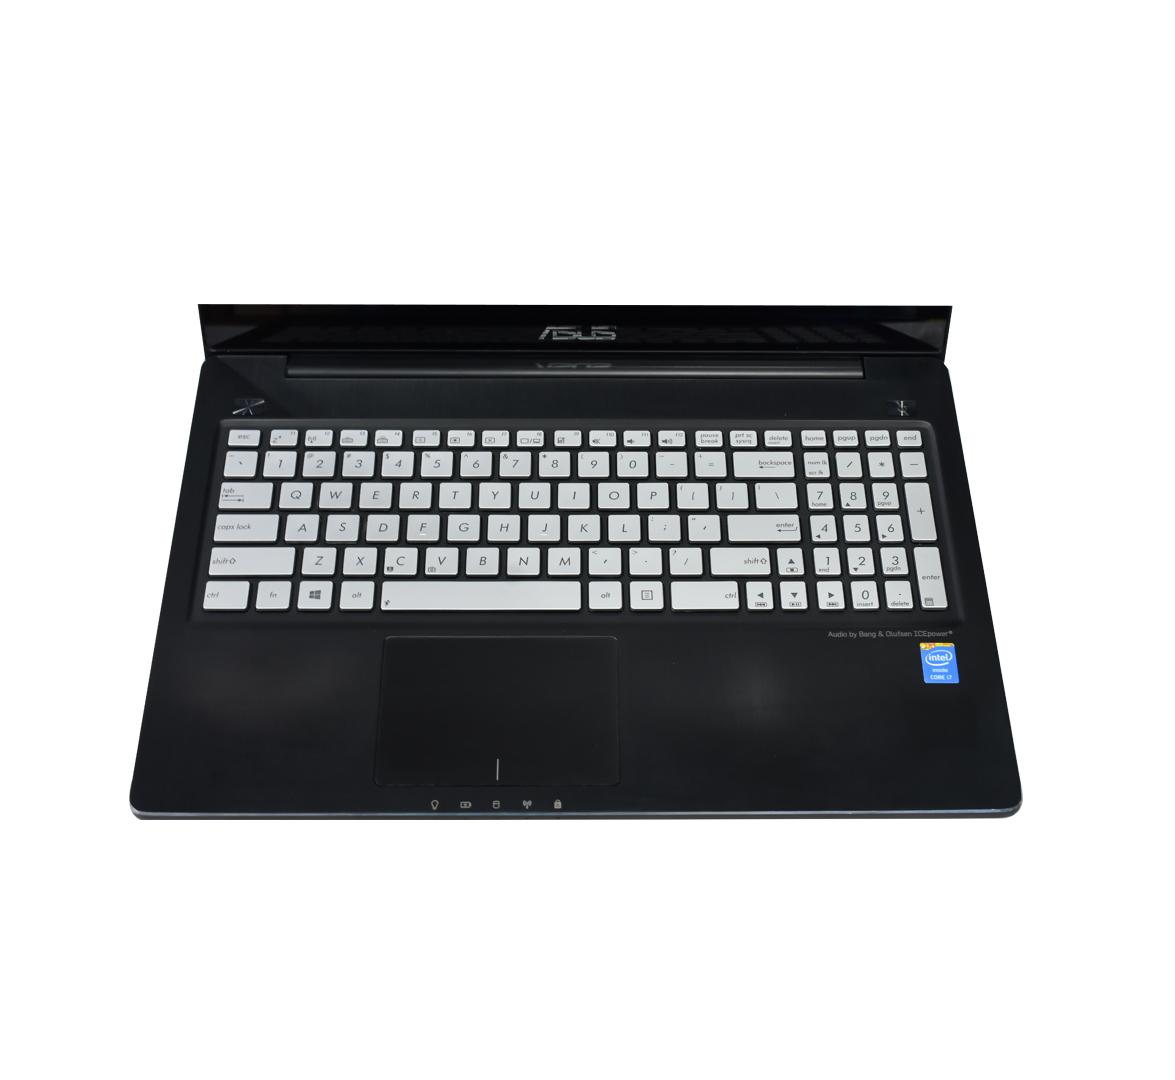 Asus Q550L Business Laptop, Intel Core I7-4500U CPU, 8GB DDR3L SODIMM RAM, 256GB SSD 2.5, 15 inch Touch Display, Windows 10 Pro (Refurbished)